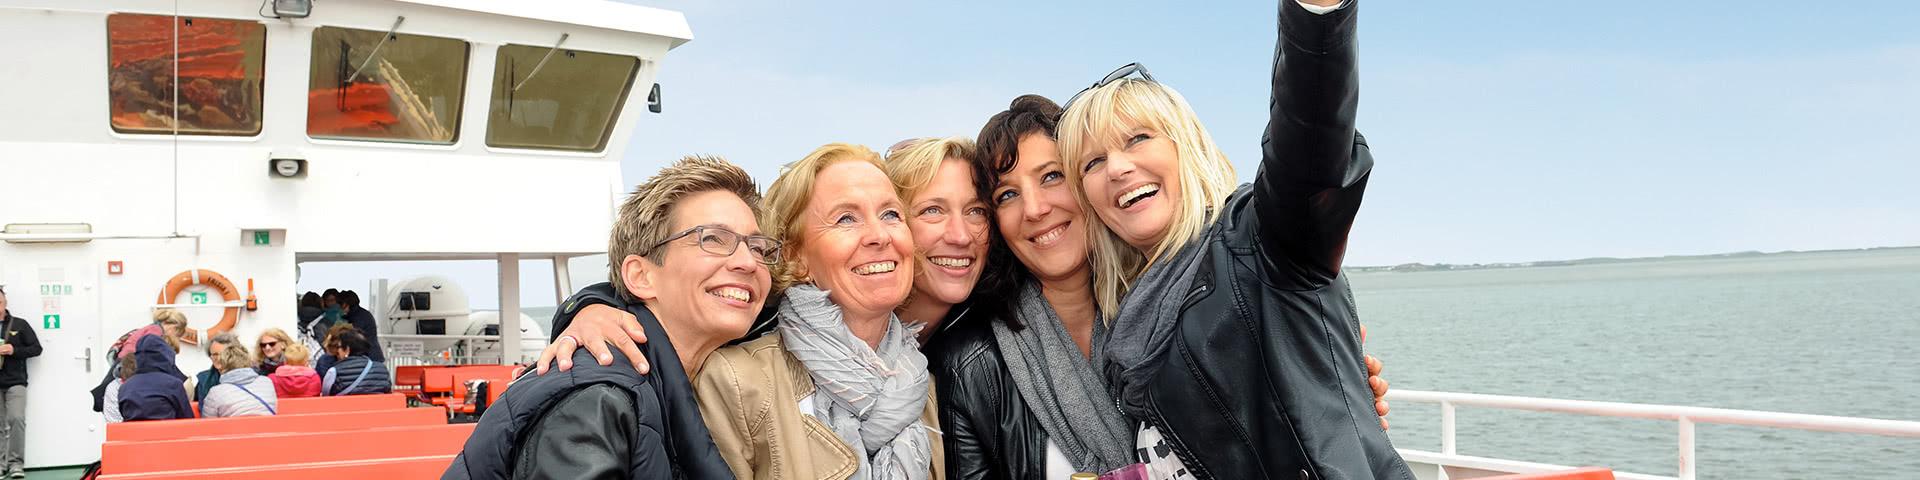 Frauengruppe macht Selfie auf einem Schiff auf Norderney